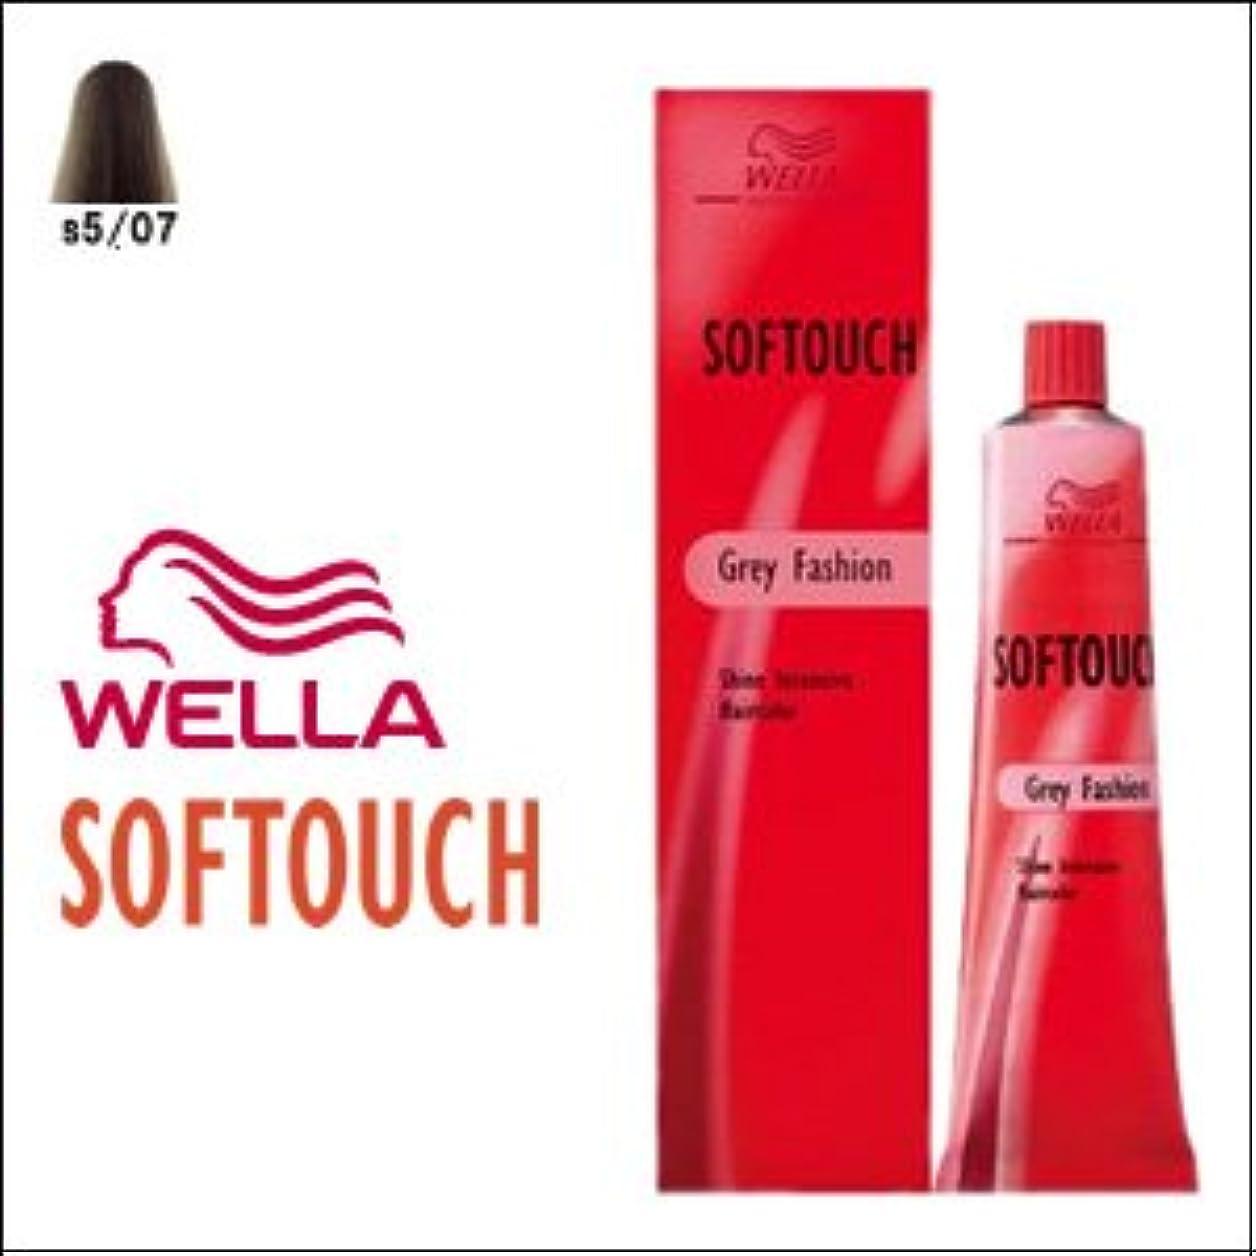 それる冷蔵する作業ウエラ ヘアカラー ソフタッチ S5/07 60g